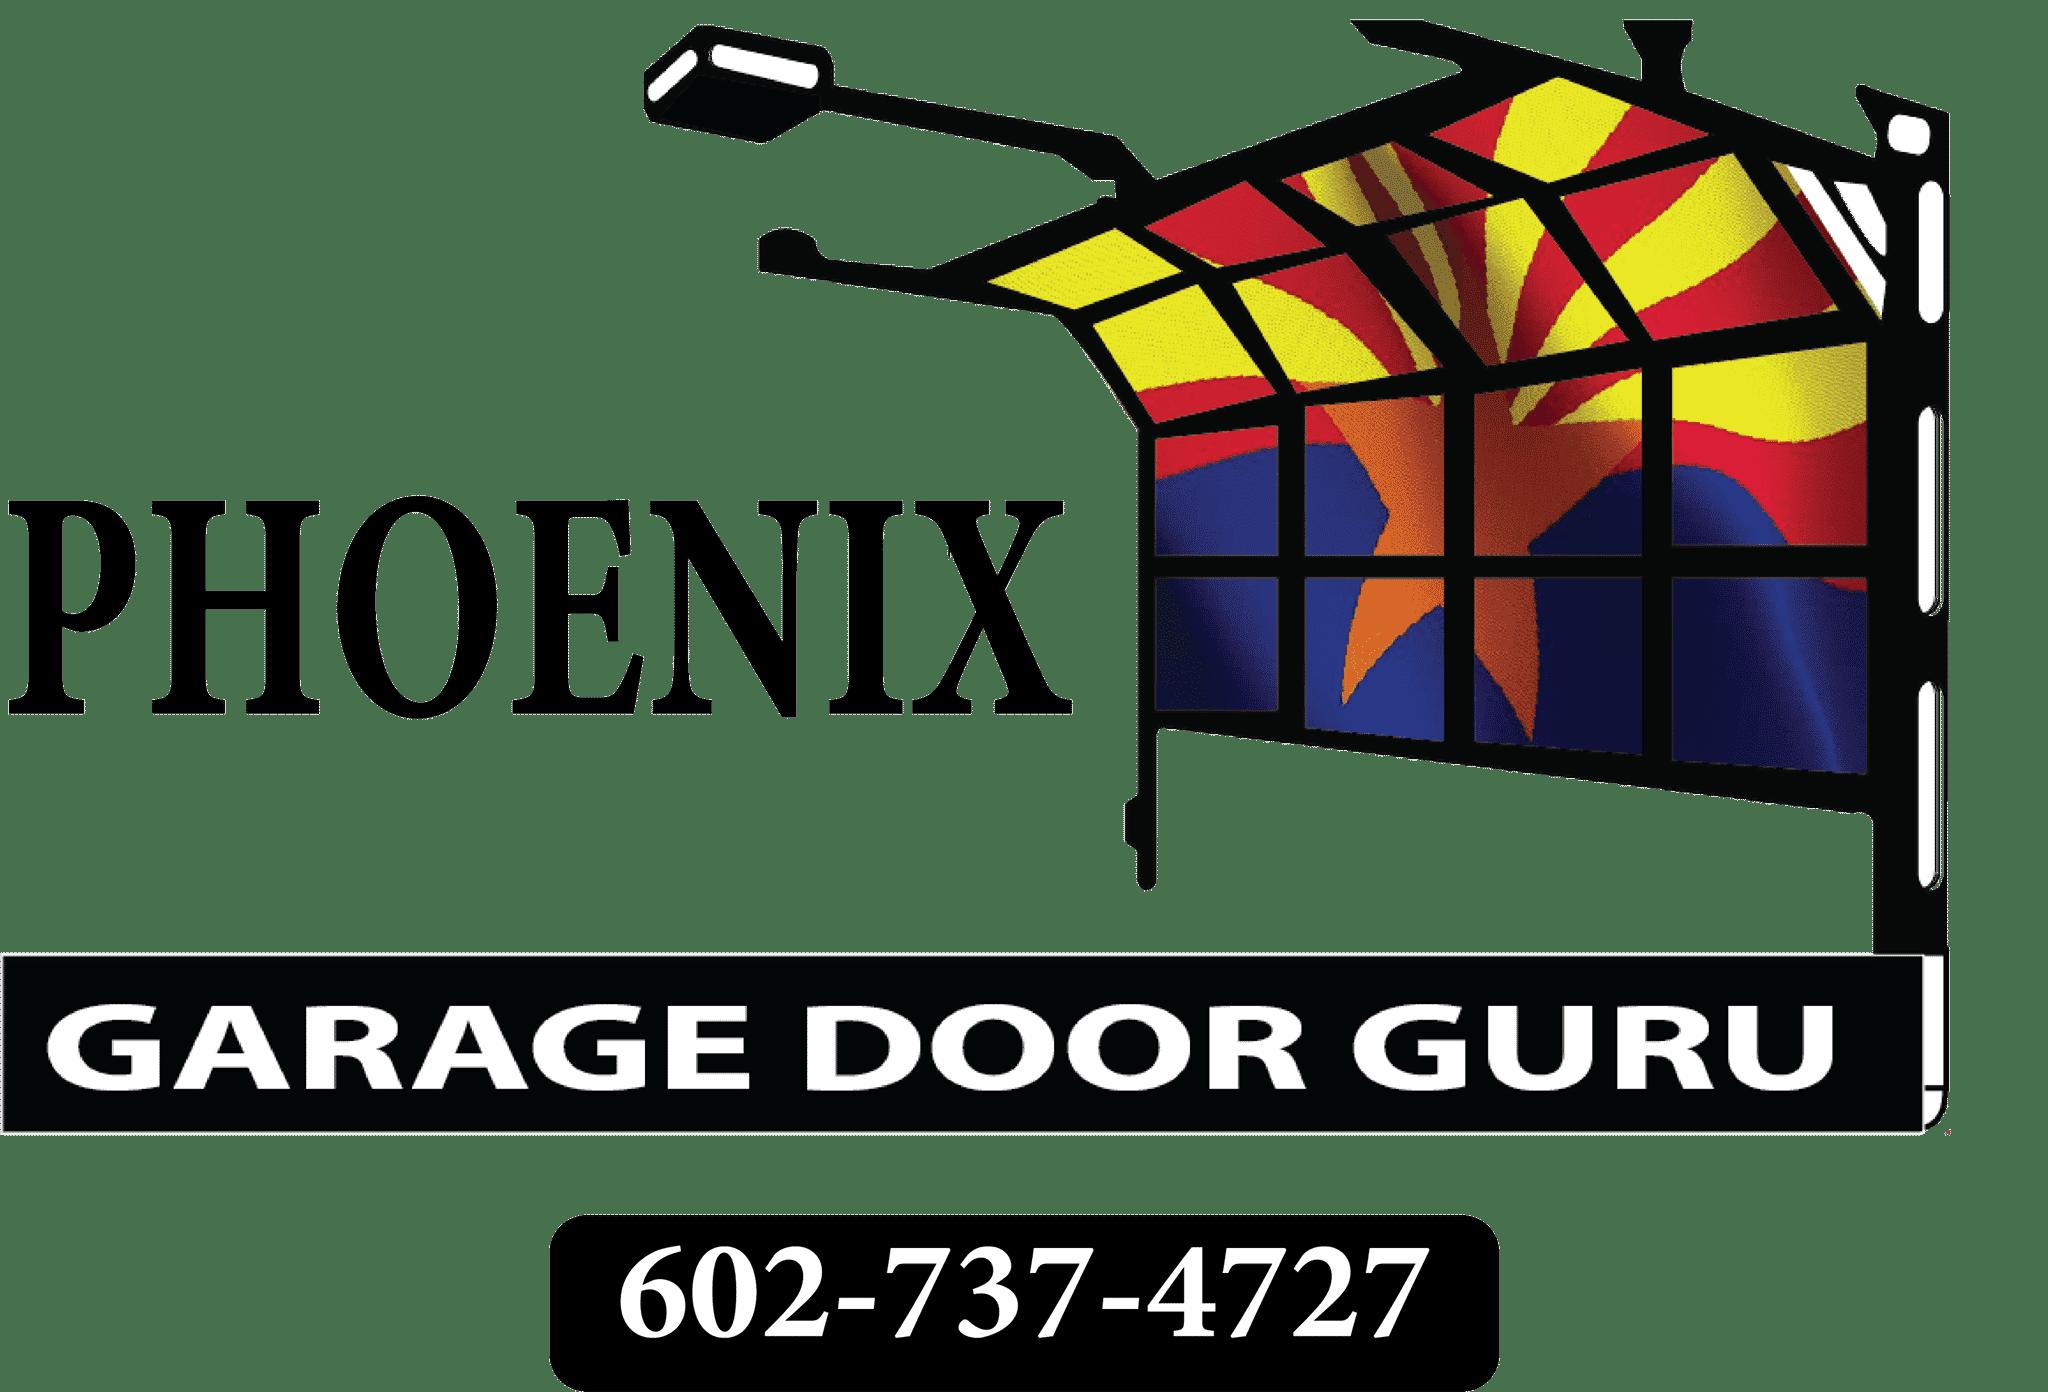 Phoenix Garage Door